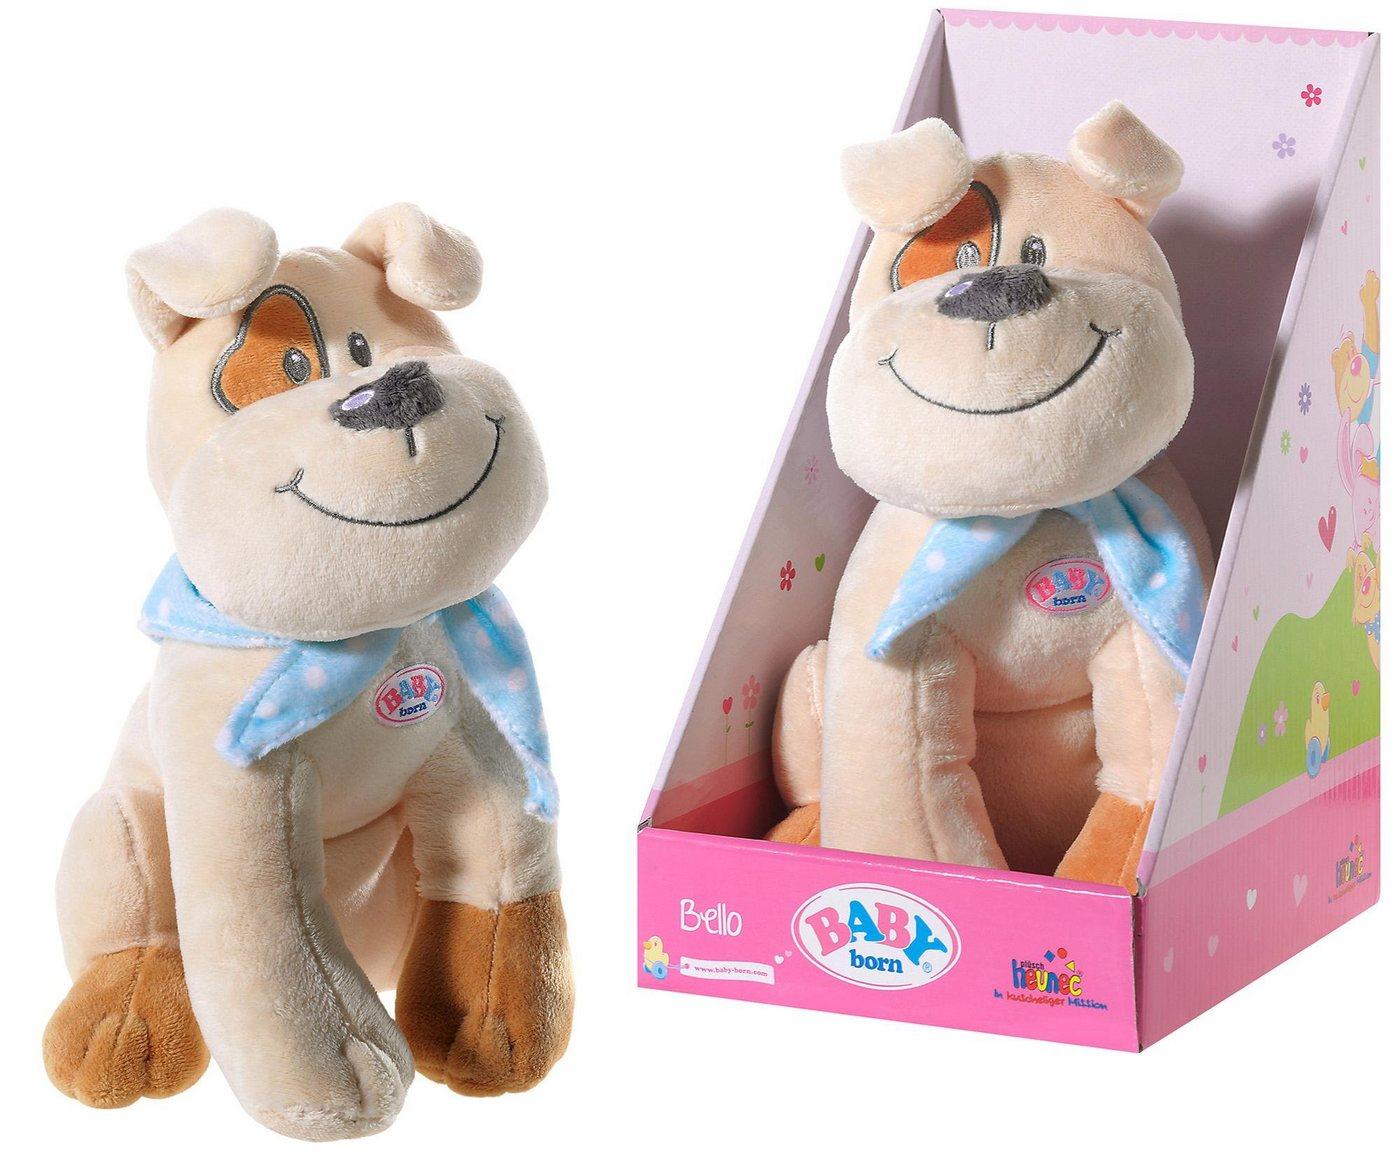 Heunec® Kuscheltier »BABY born®, Hund Bello«